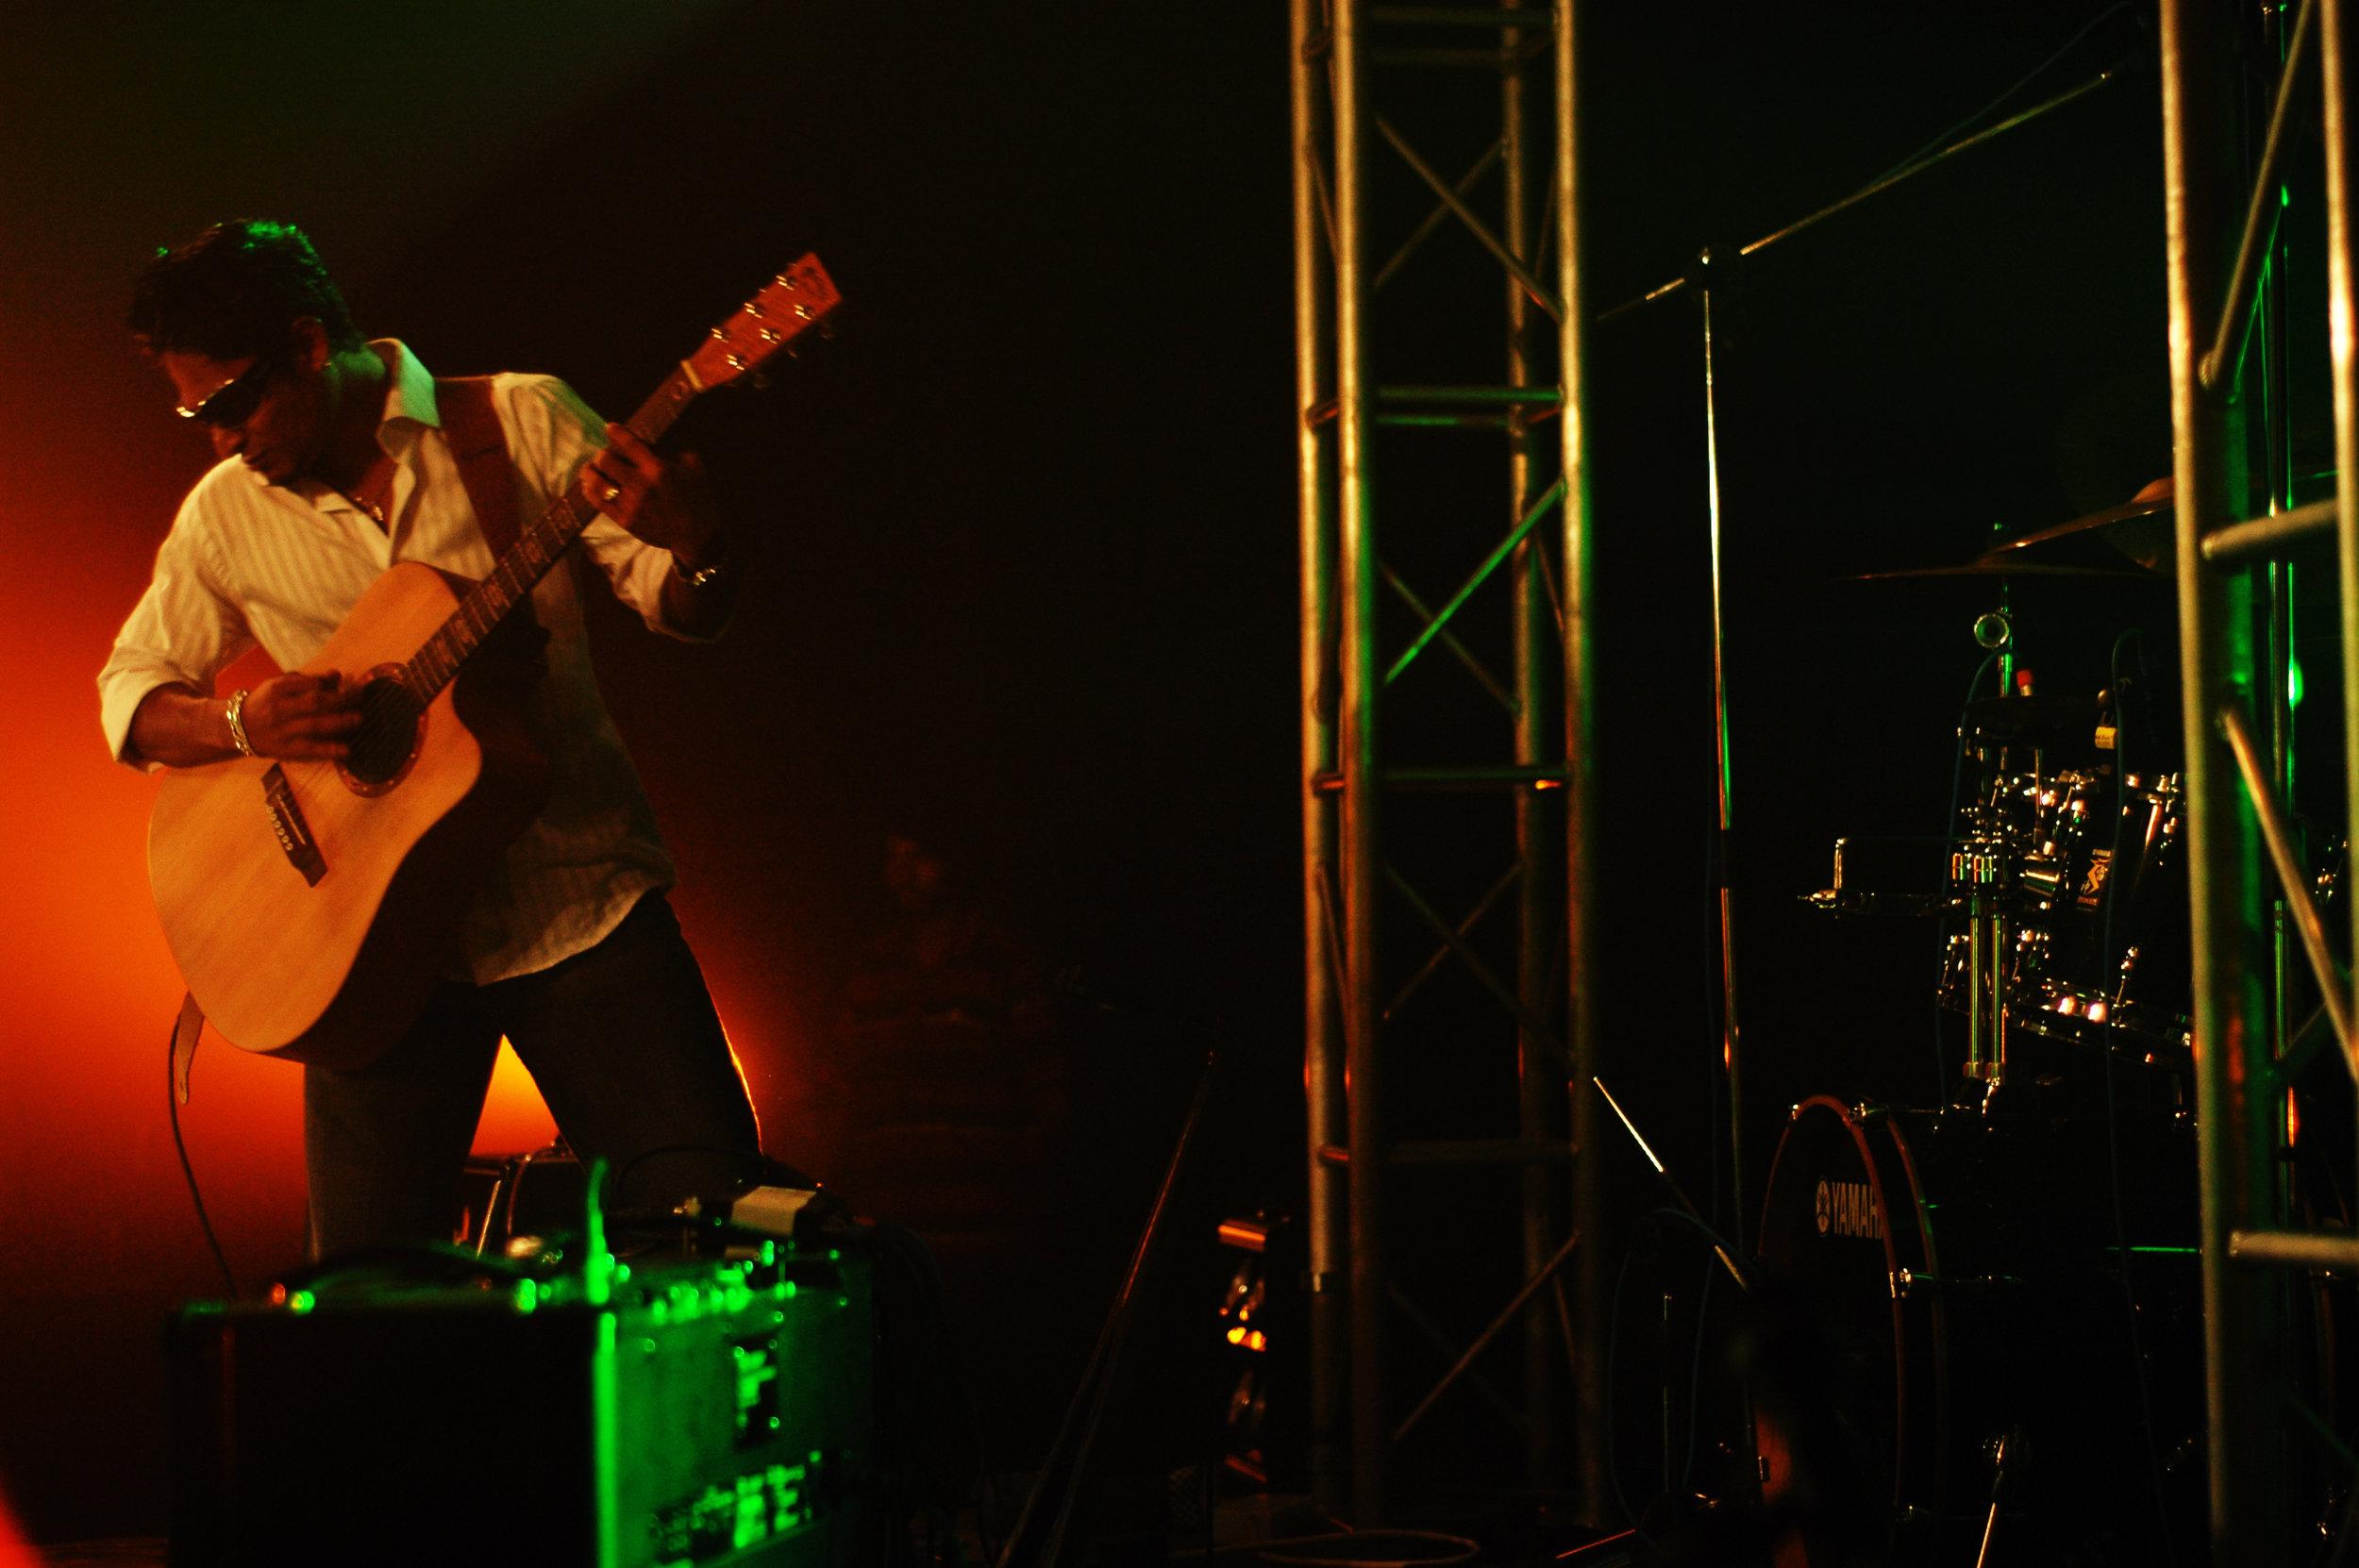 2009-08-19 - Male' City - Dharubaaruge' - Eku Ekee Album Launch - D70s-7958.jpg